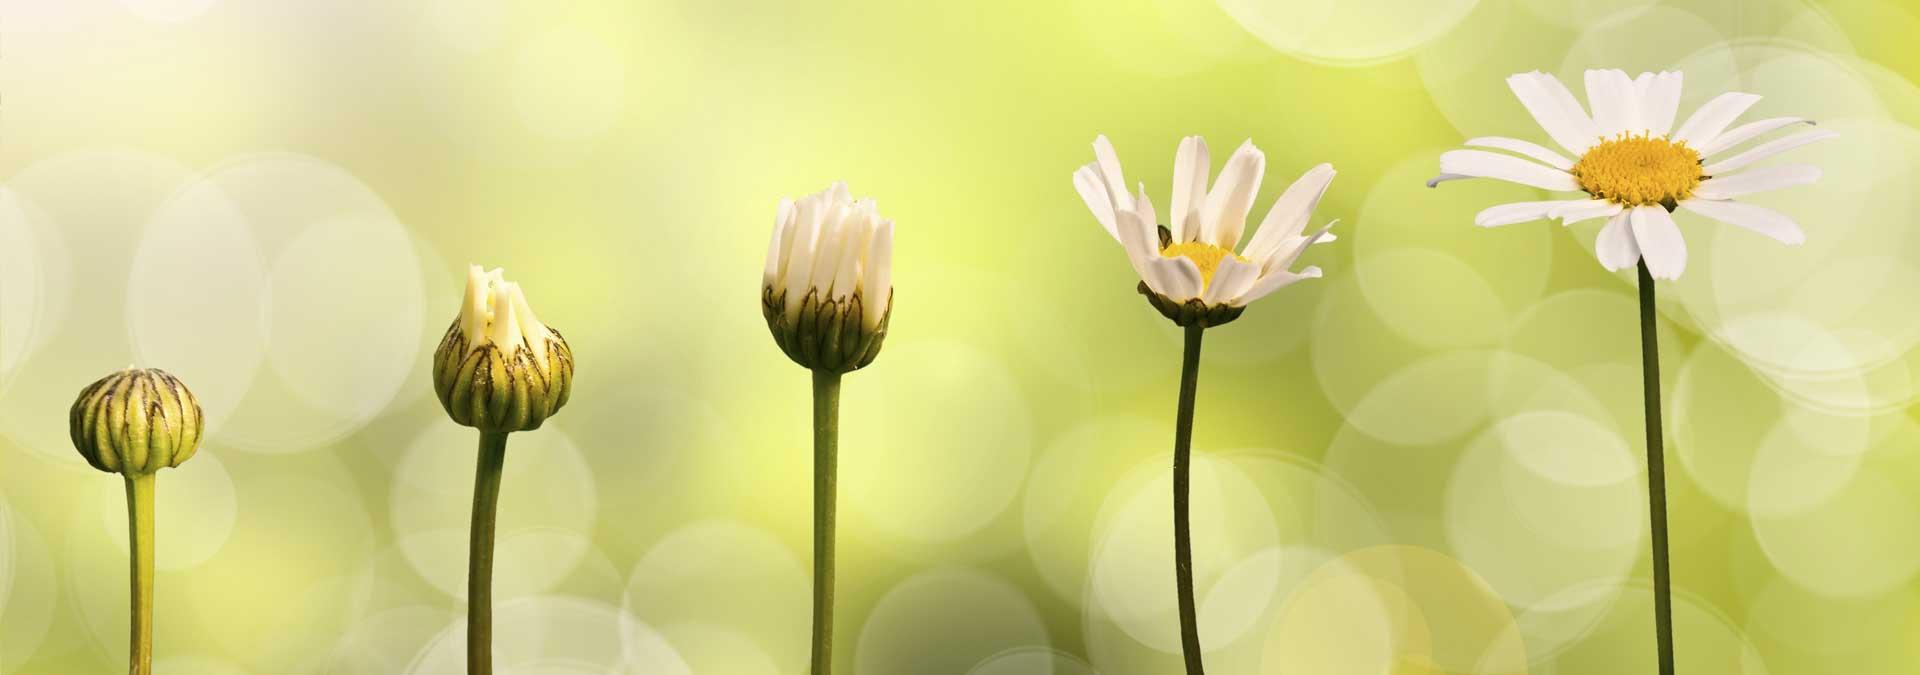 De mooiste spreuken over persoonlijke ontwikkeling en quotes over persoonlijke groei van ingspire